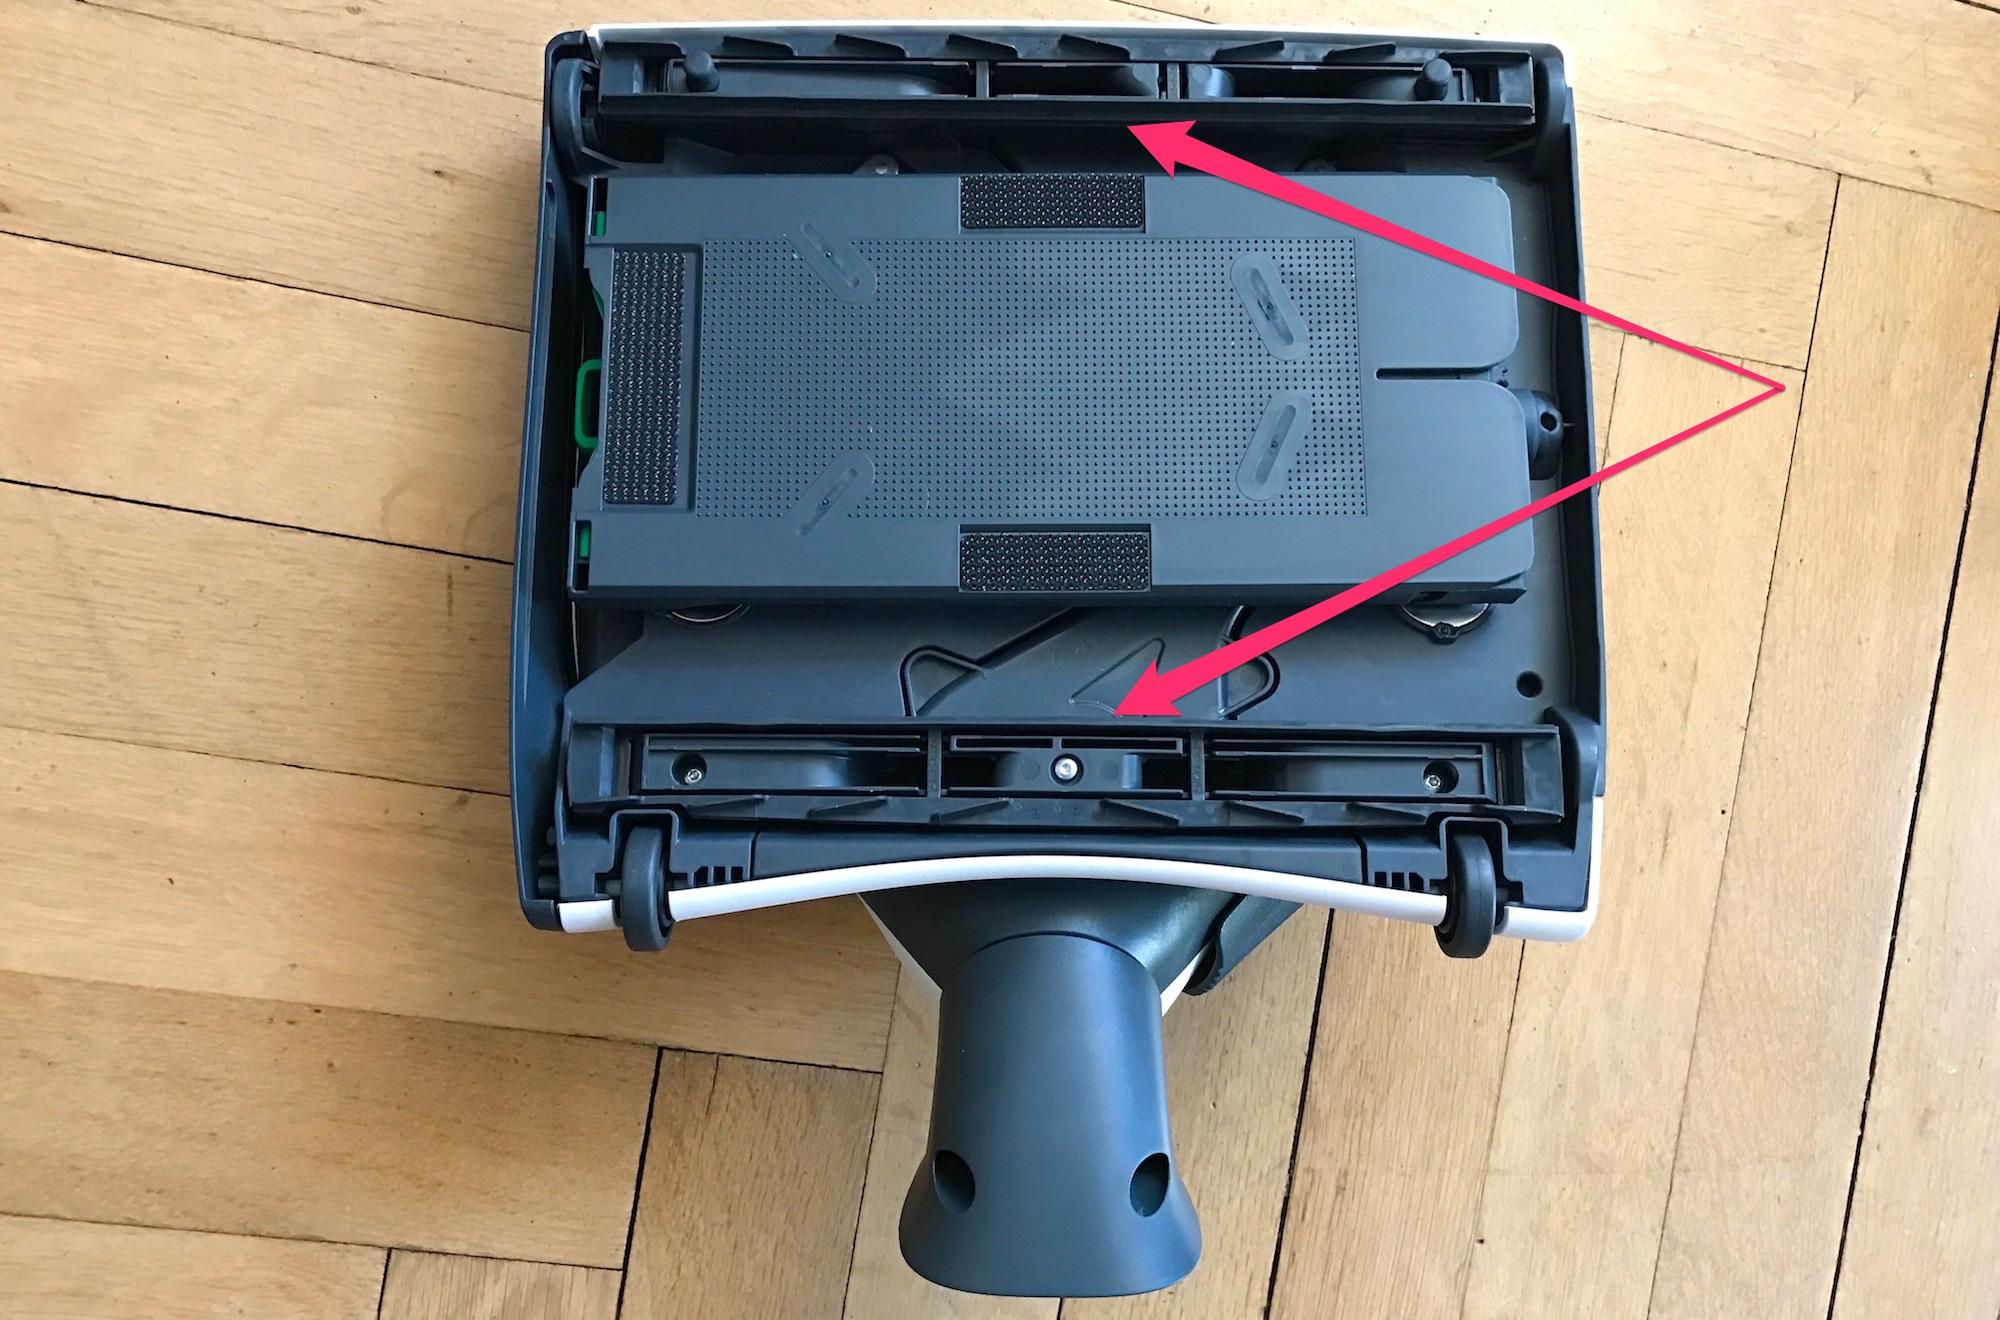 ausprobiert vorwerk kobold sp530 saugwischer in kombination mit dem kobold vk200. Black Bedroom Furniture Sets. Home Design Ideas